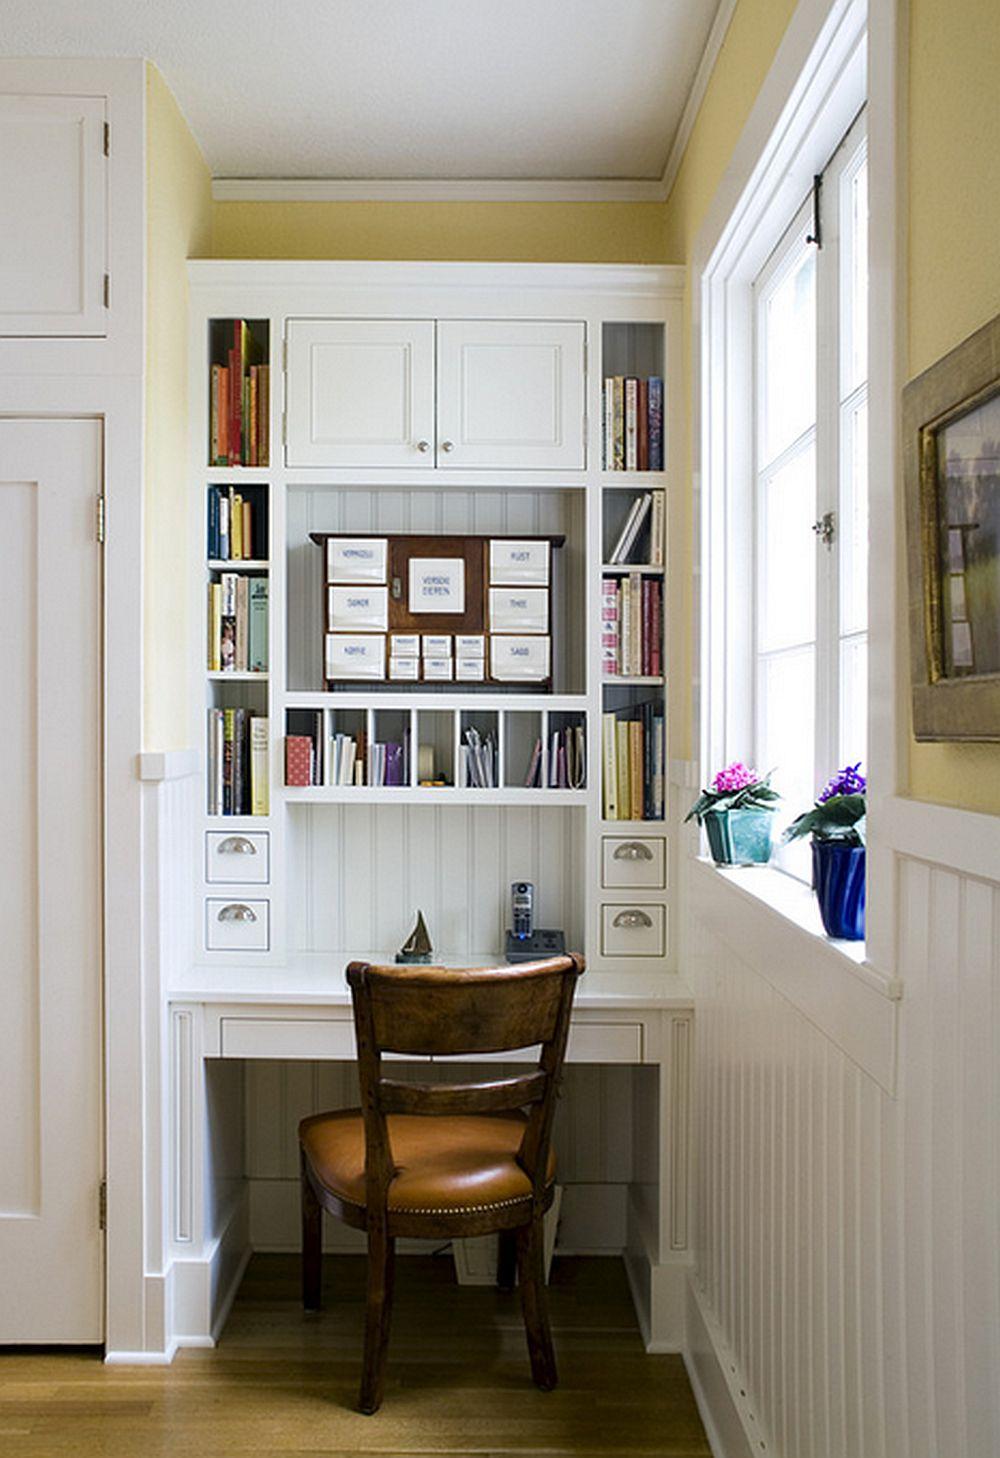 Pentru mai mult spatiu de depozitare foloseste-te de verticala spatiului disponibil. Foto Hamilton-Gray Design